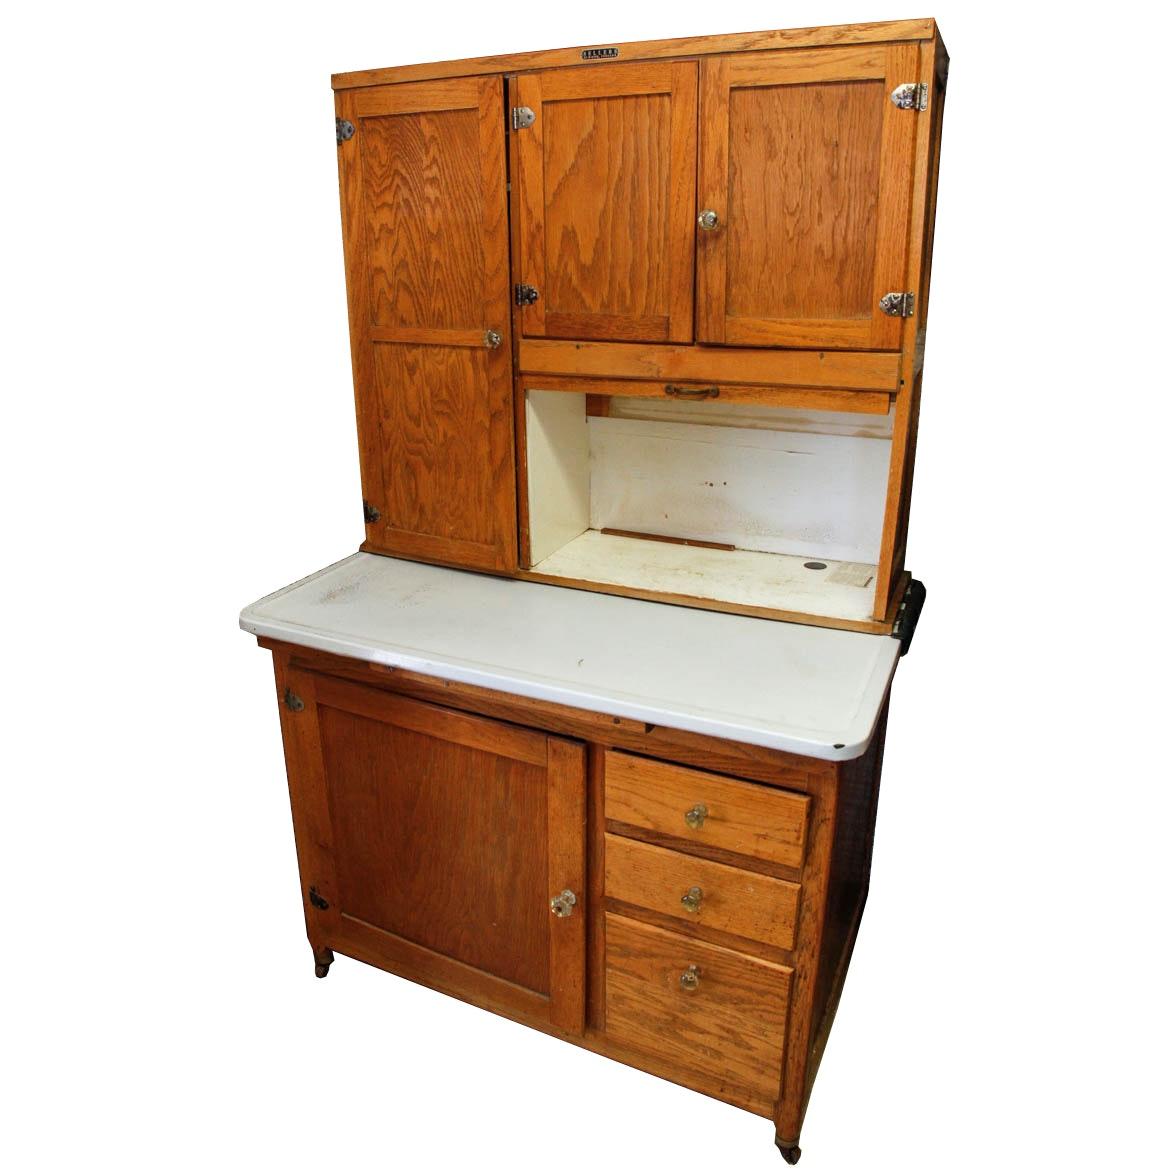 Vintage Sellers Baking Cabinet